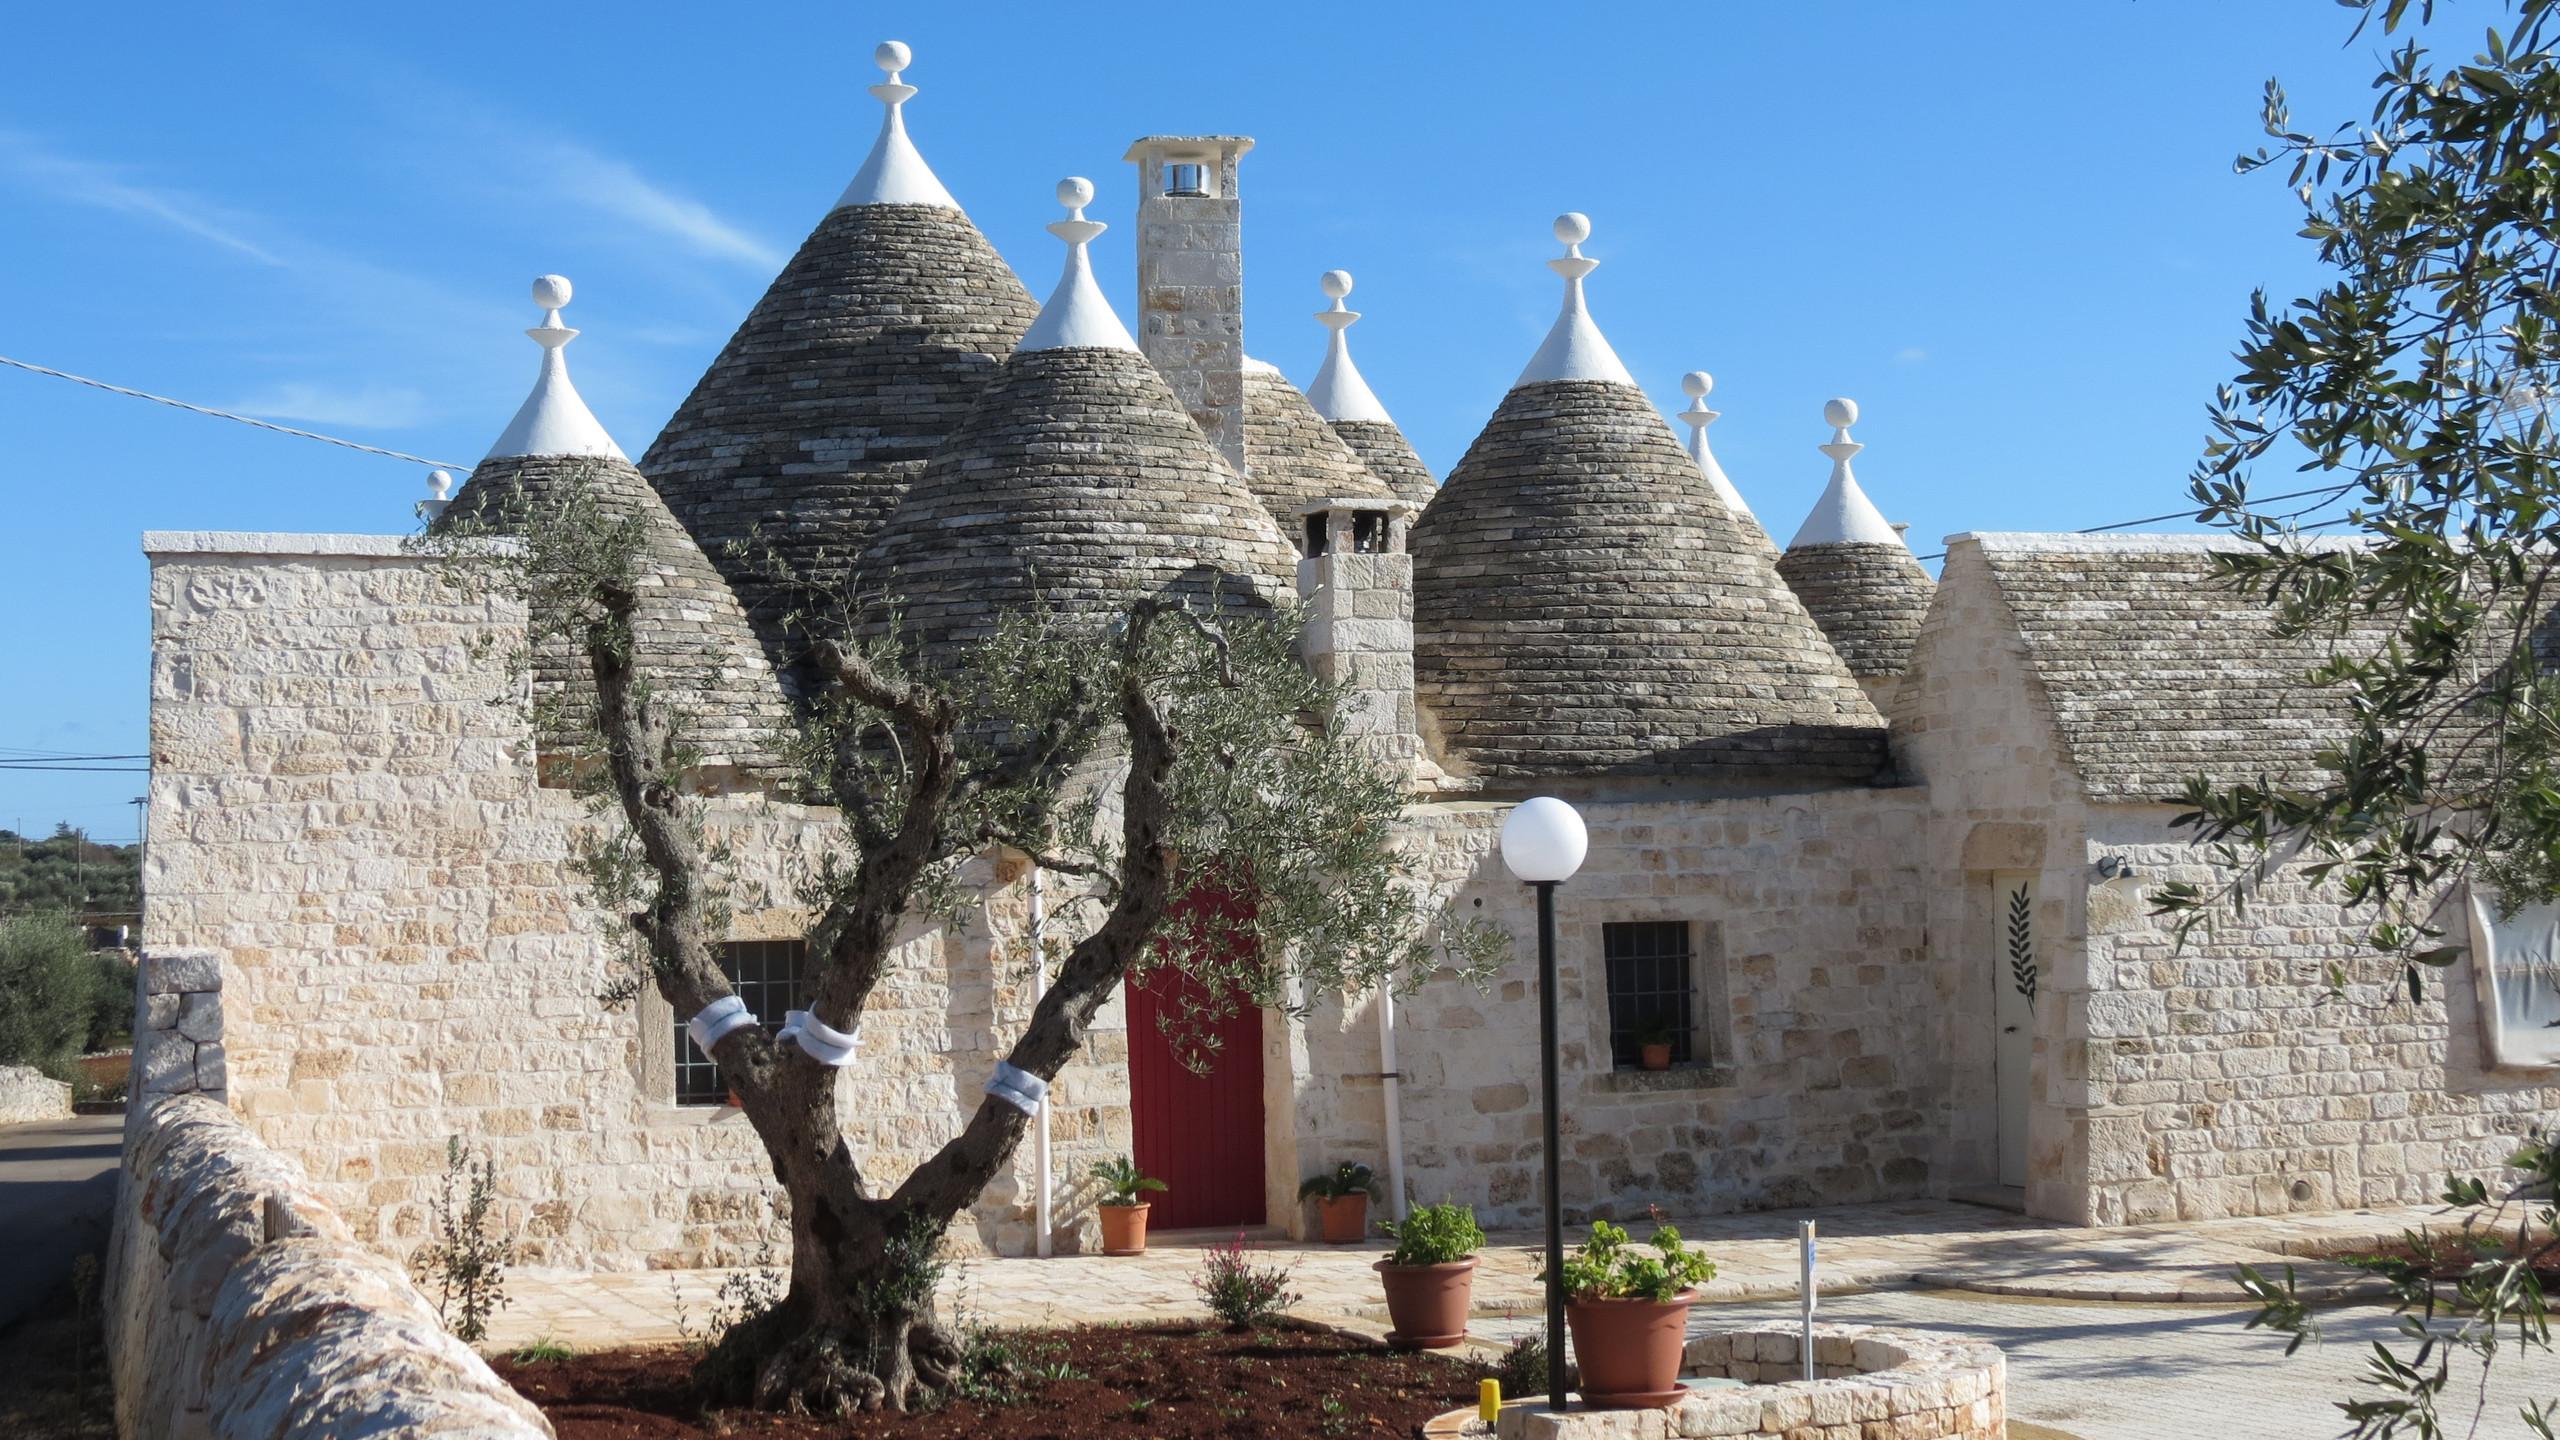 Trulli, traditional homes in Puglia